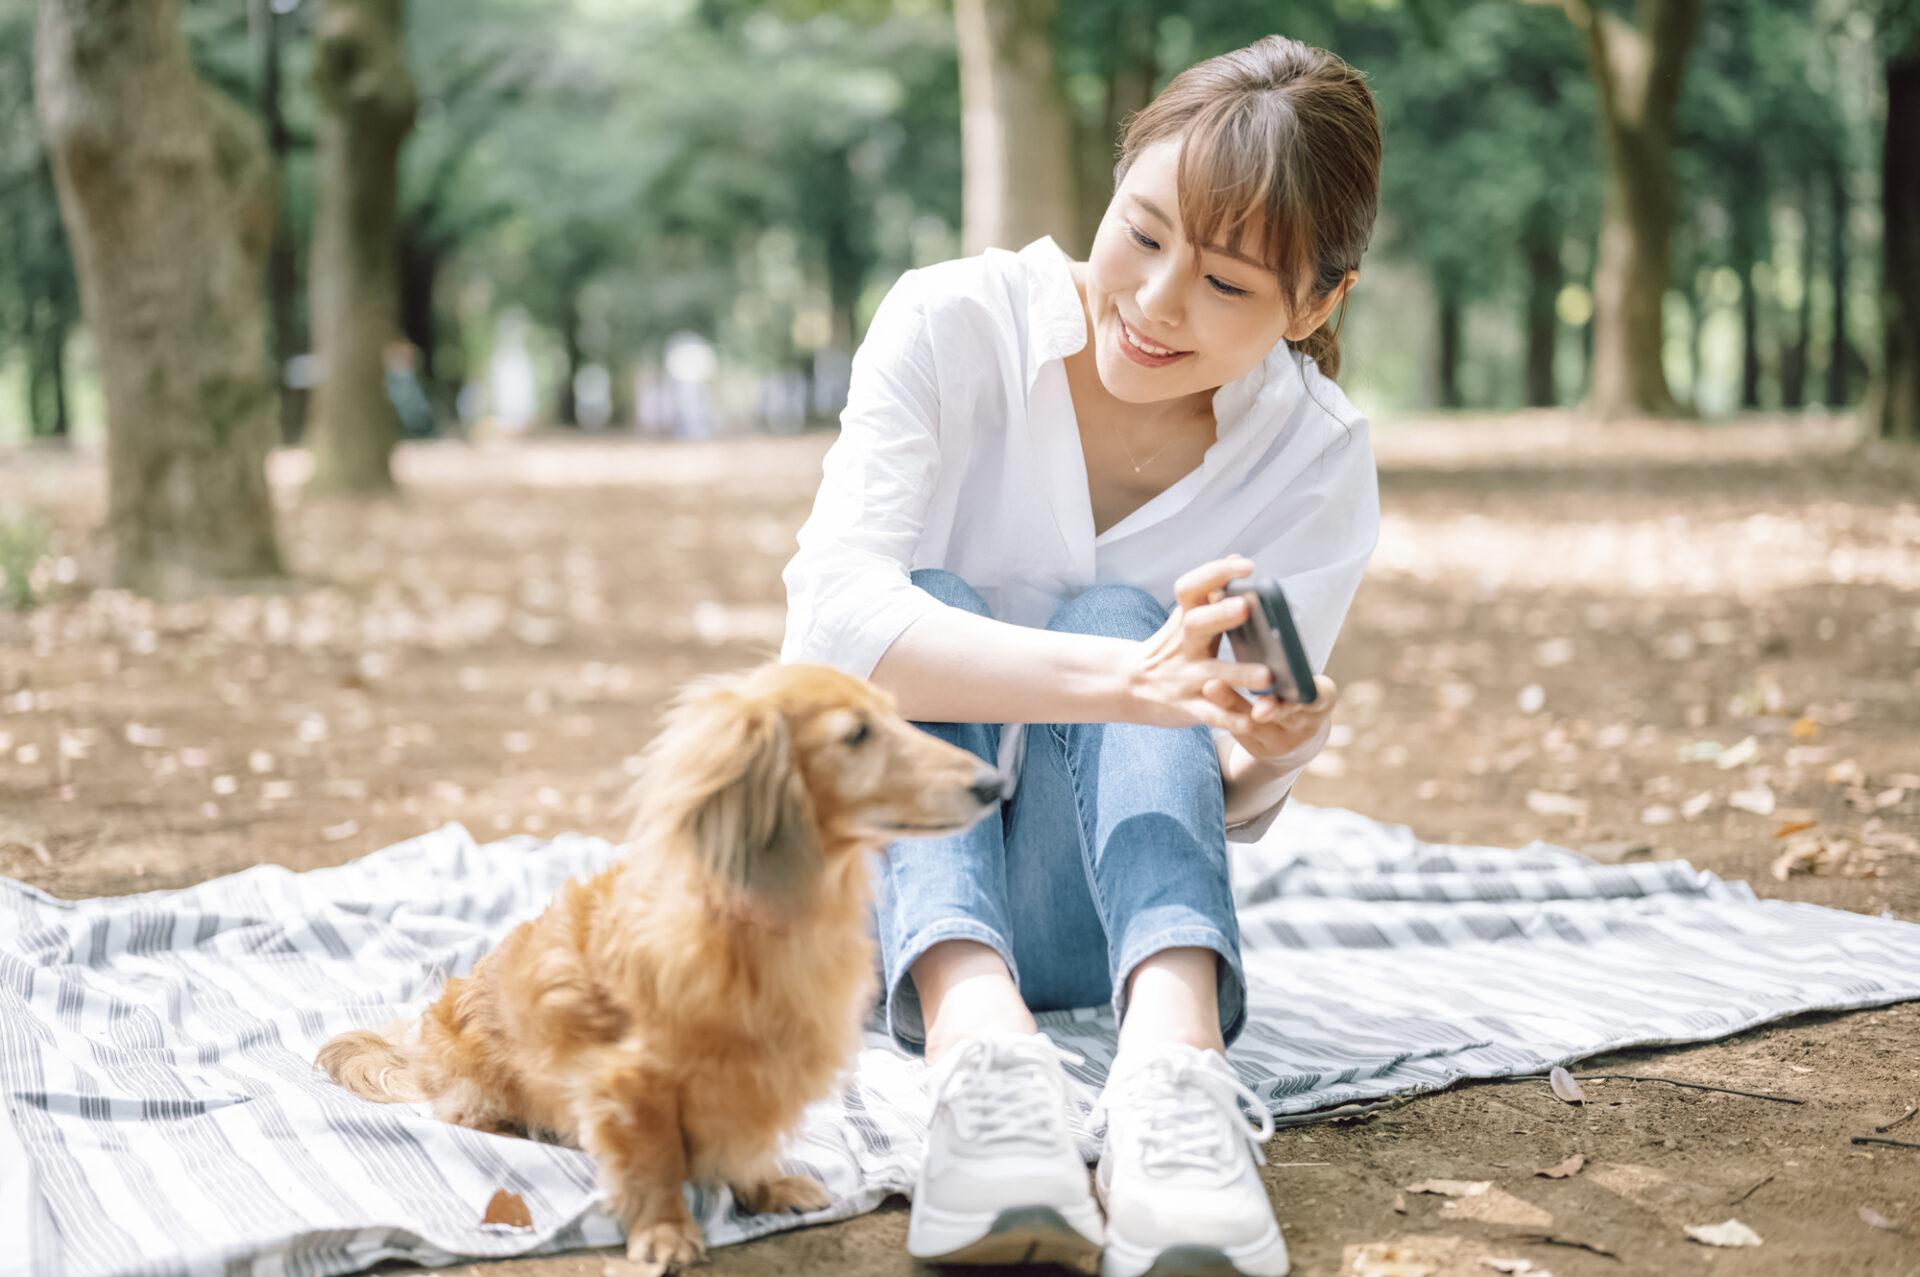 女性と ミニチュアダックスフンドが公園で遊んでいる